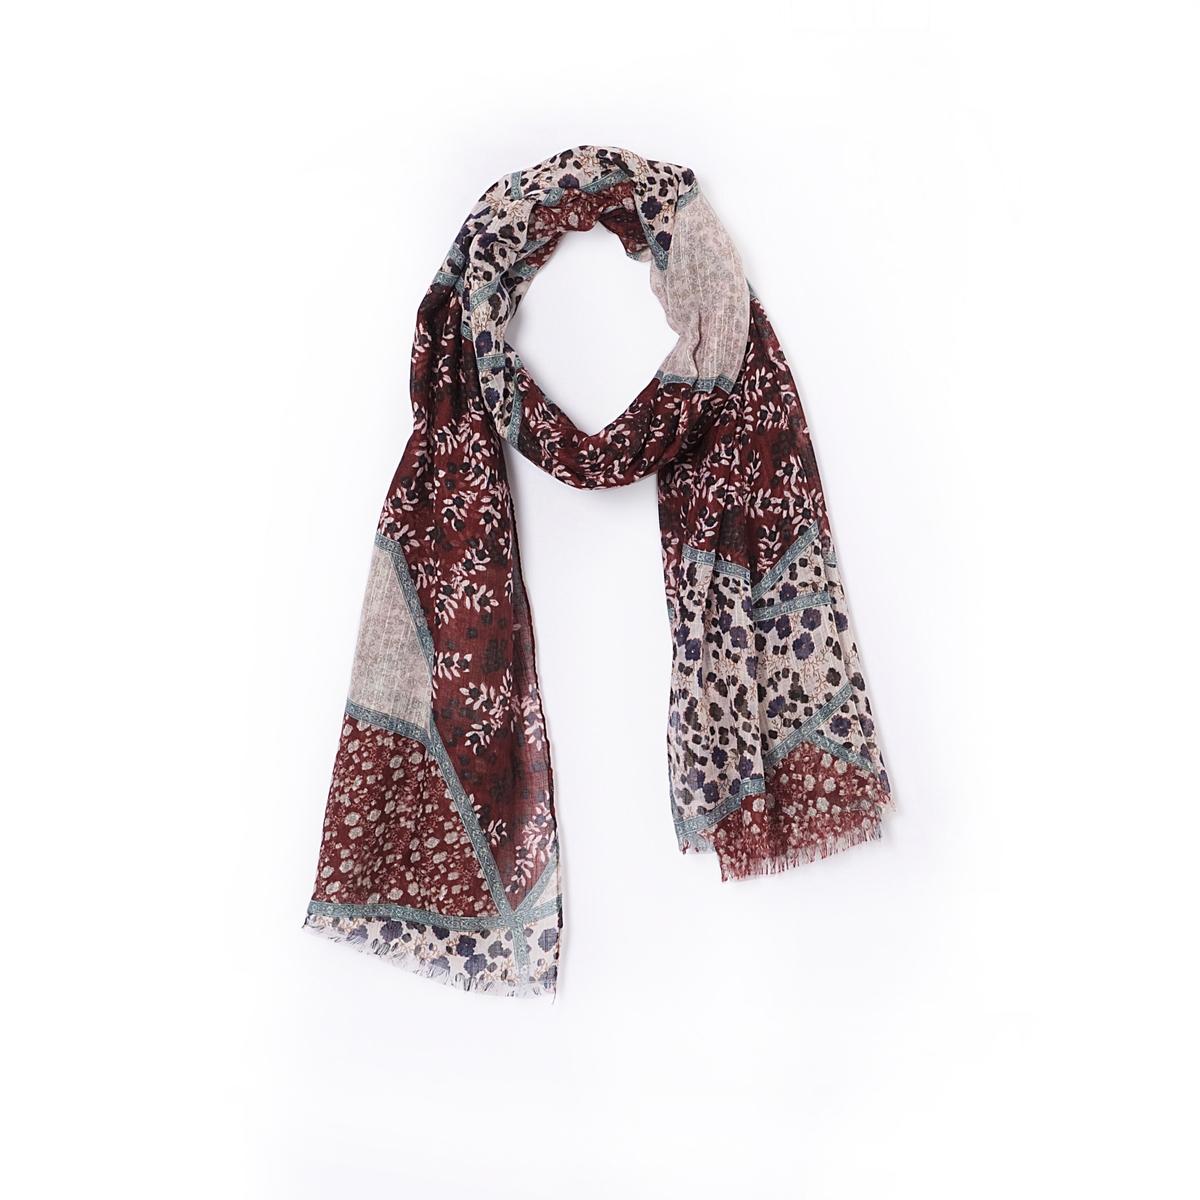 Платок с рисункомПлаток с цветочным рисунком. Незаменимый предмет гардероба зимой для стильного наряда !    Состав и описание :Материал : 100% полиэстерРазмеры : 174 x 90 см.Марка : Anne Weyburn<br><br>Цвет: бордовый<br>Размер: единый размер